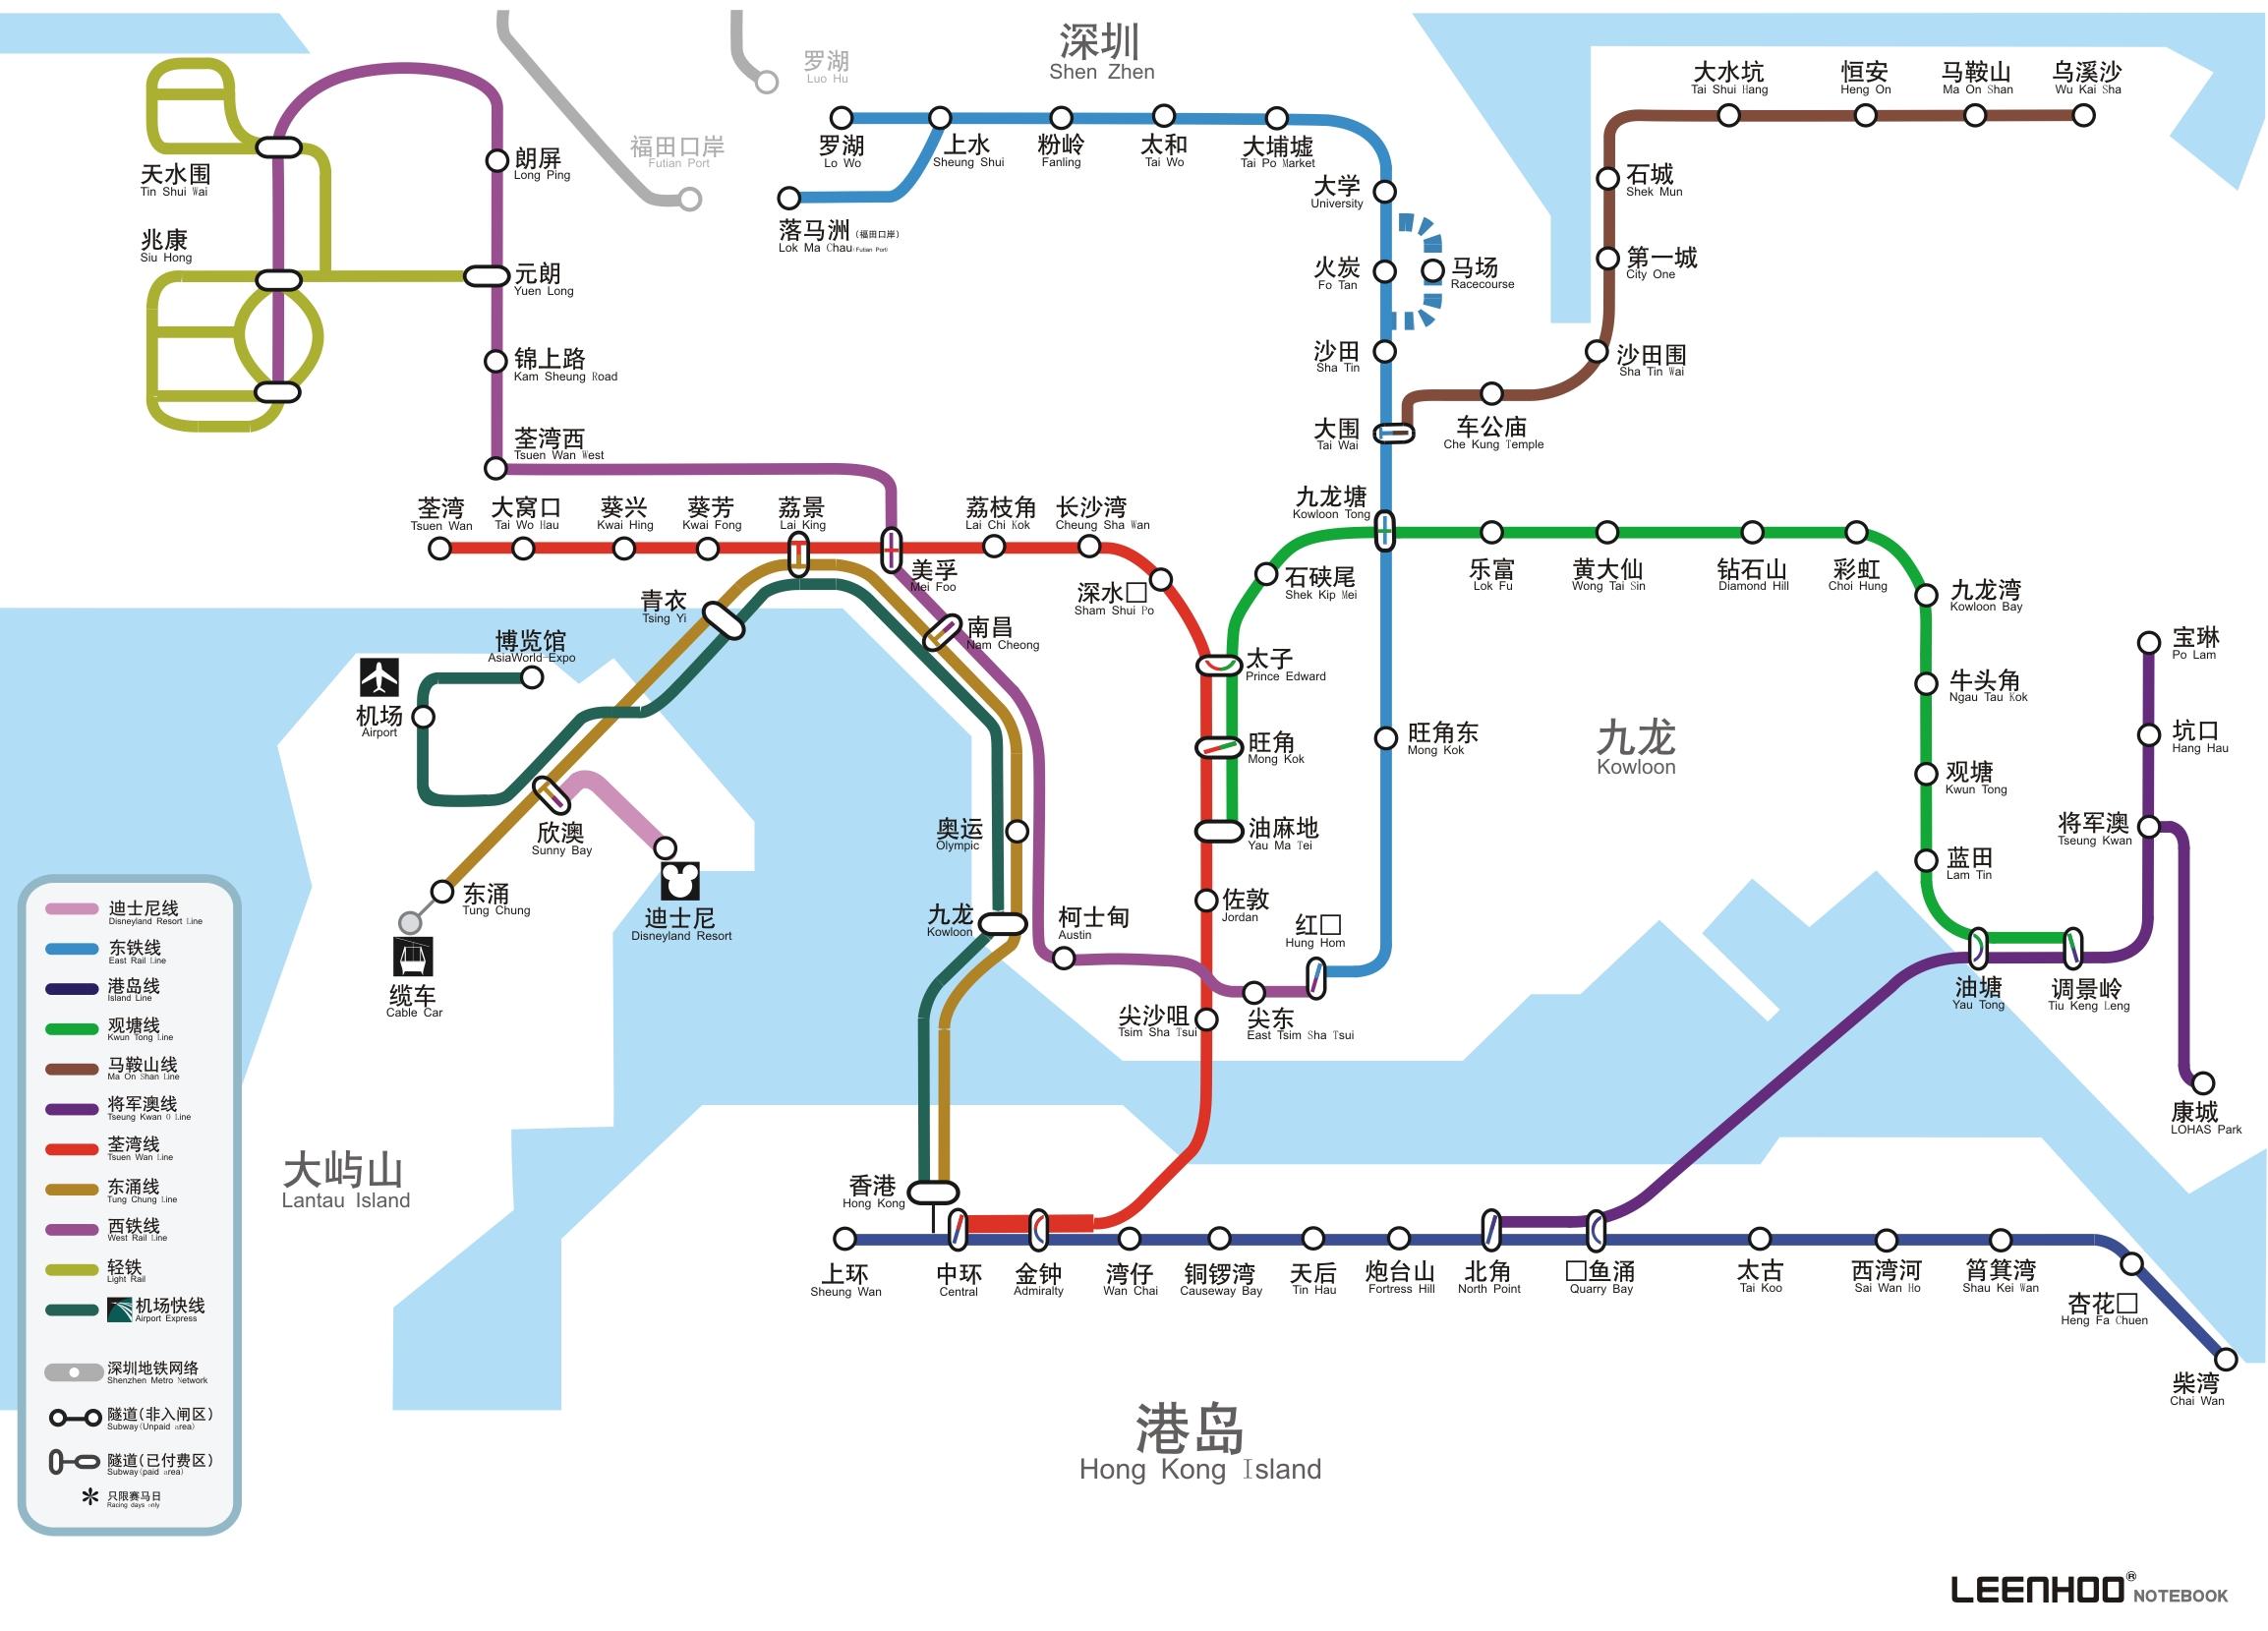 香港地铁线路图打印